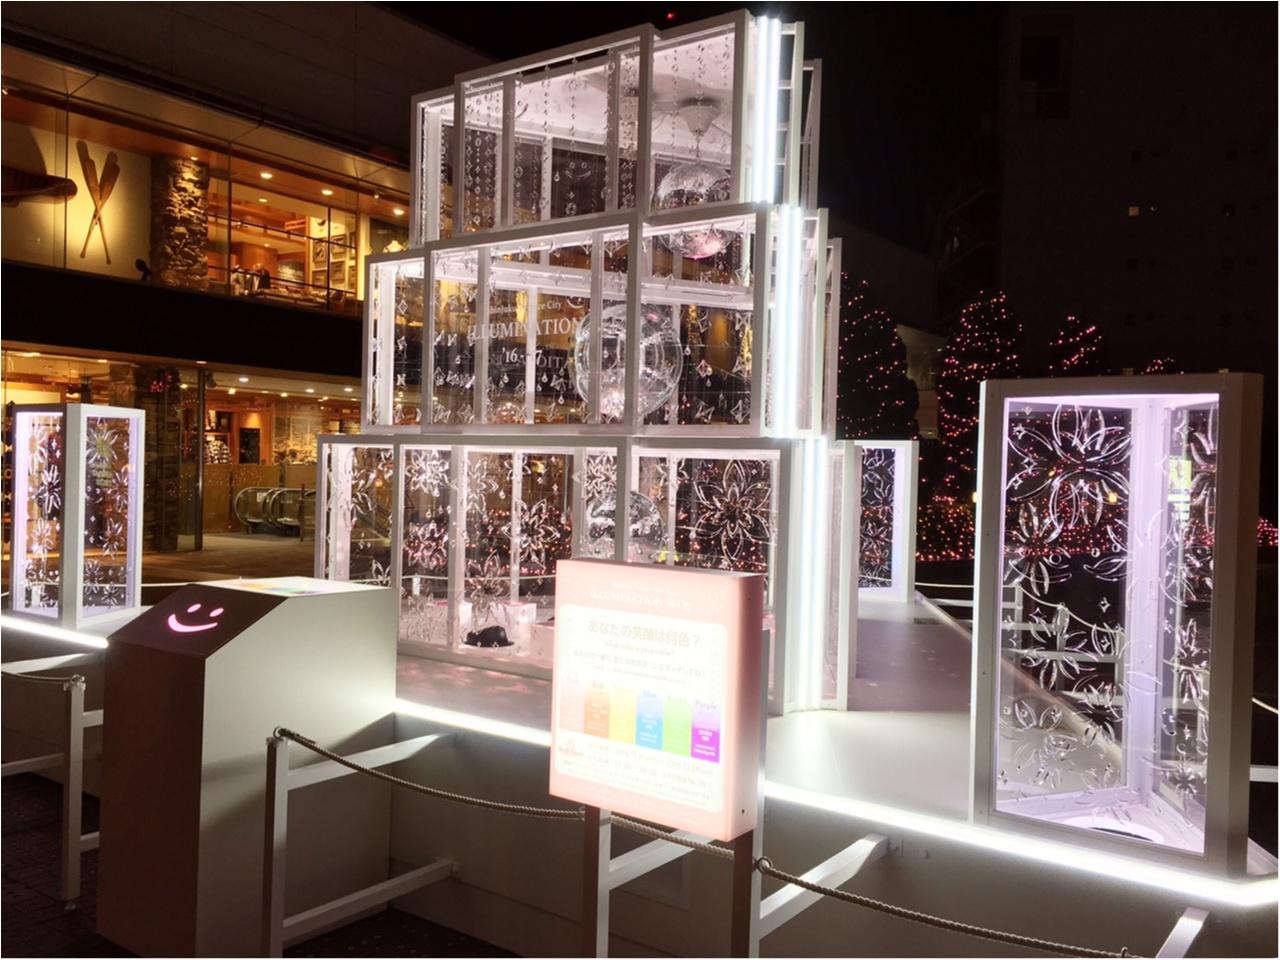 新宿の冬をベビーピンク色に染め上げる♡『新宿テラスシティ』のイルミネーションが女子力高め!体験型の『スマイルタワー』って?♡_11